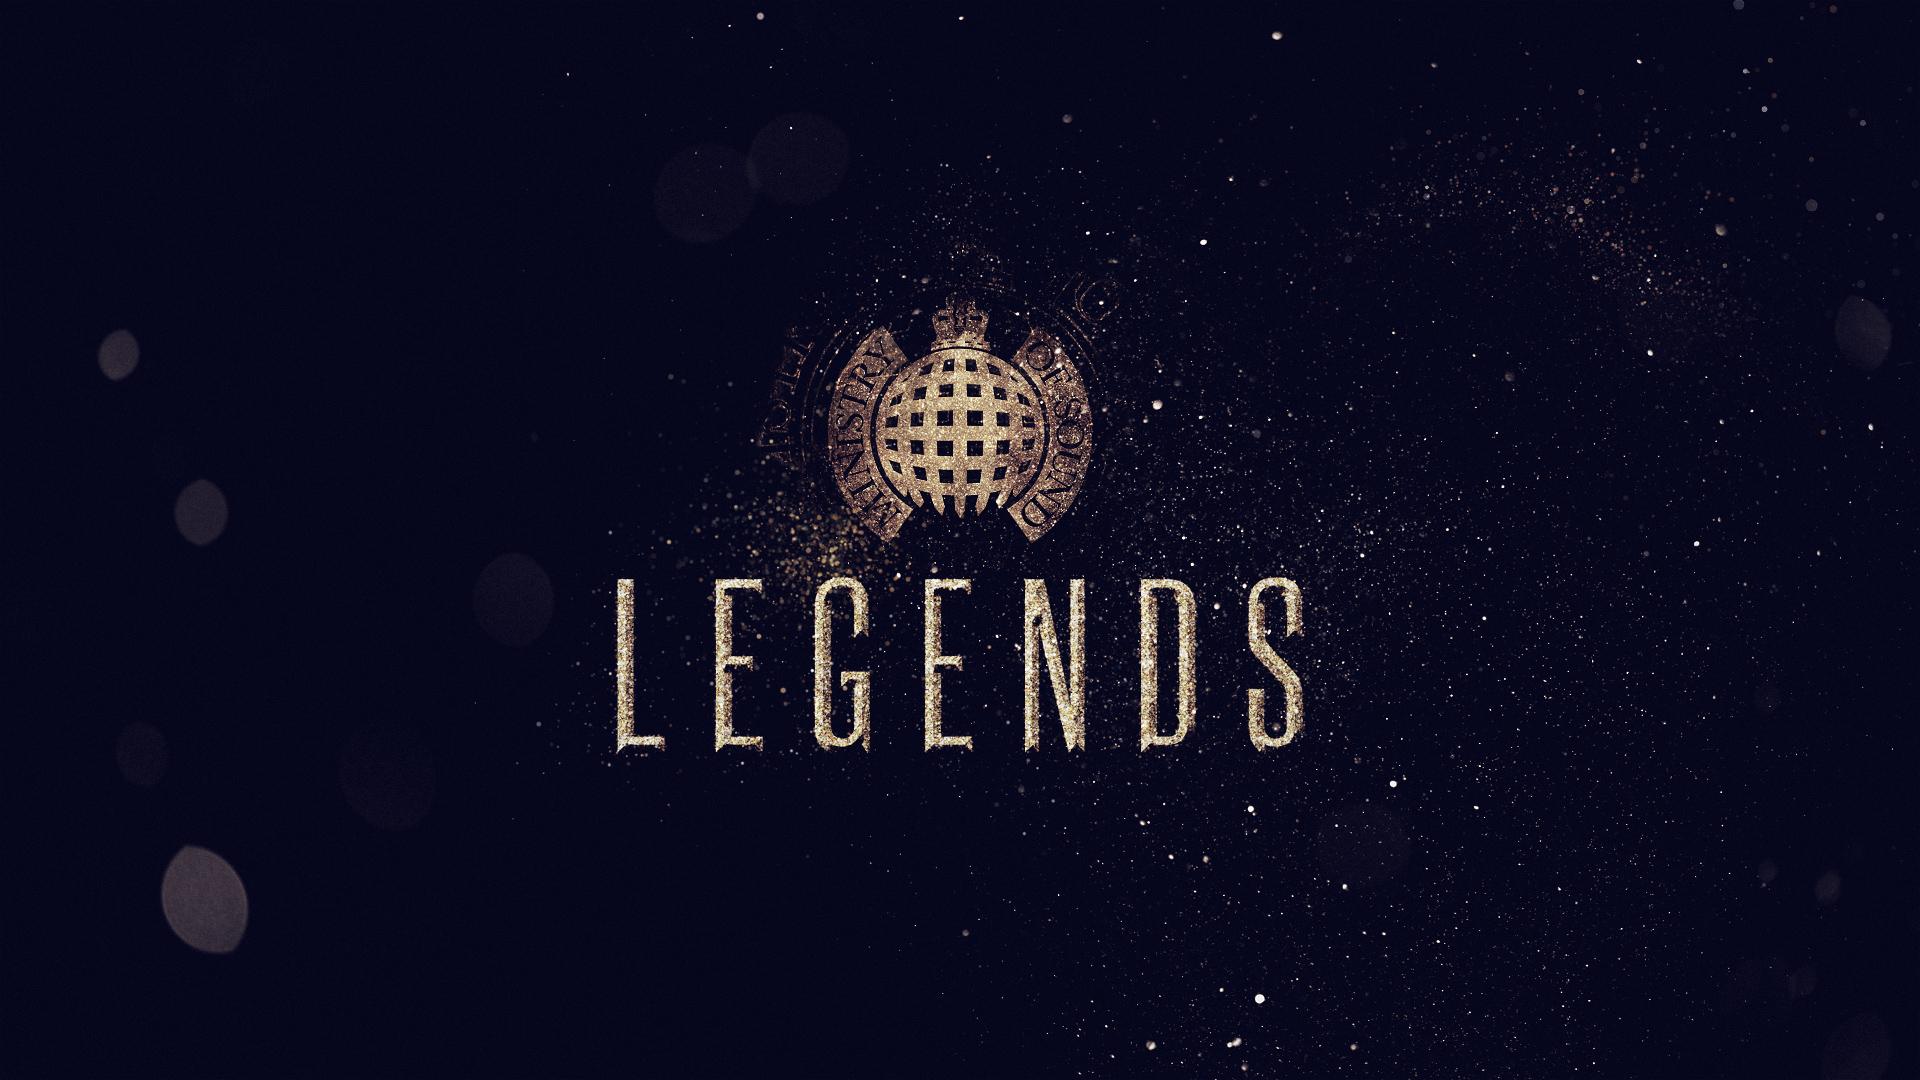 Legends_Project_V5 (0-00-26-20).jpg